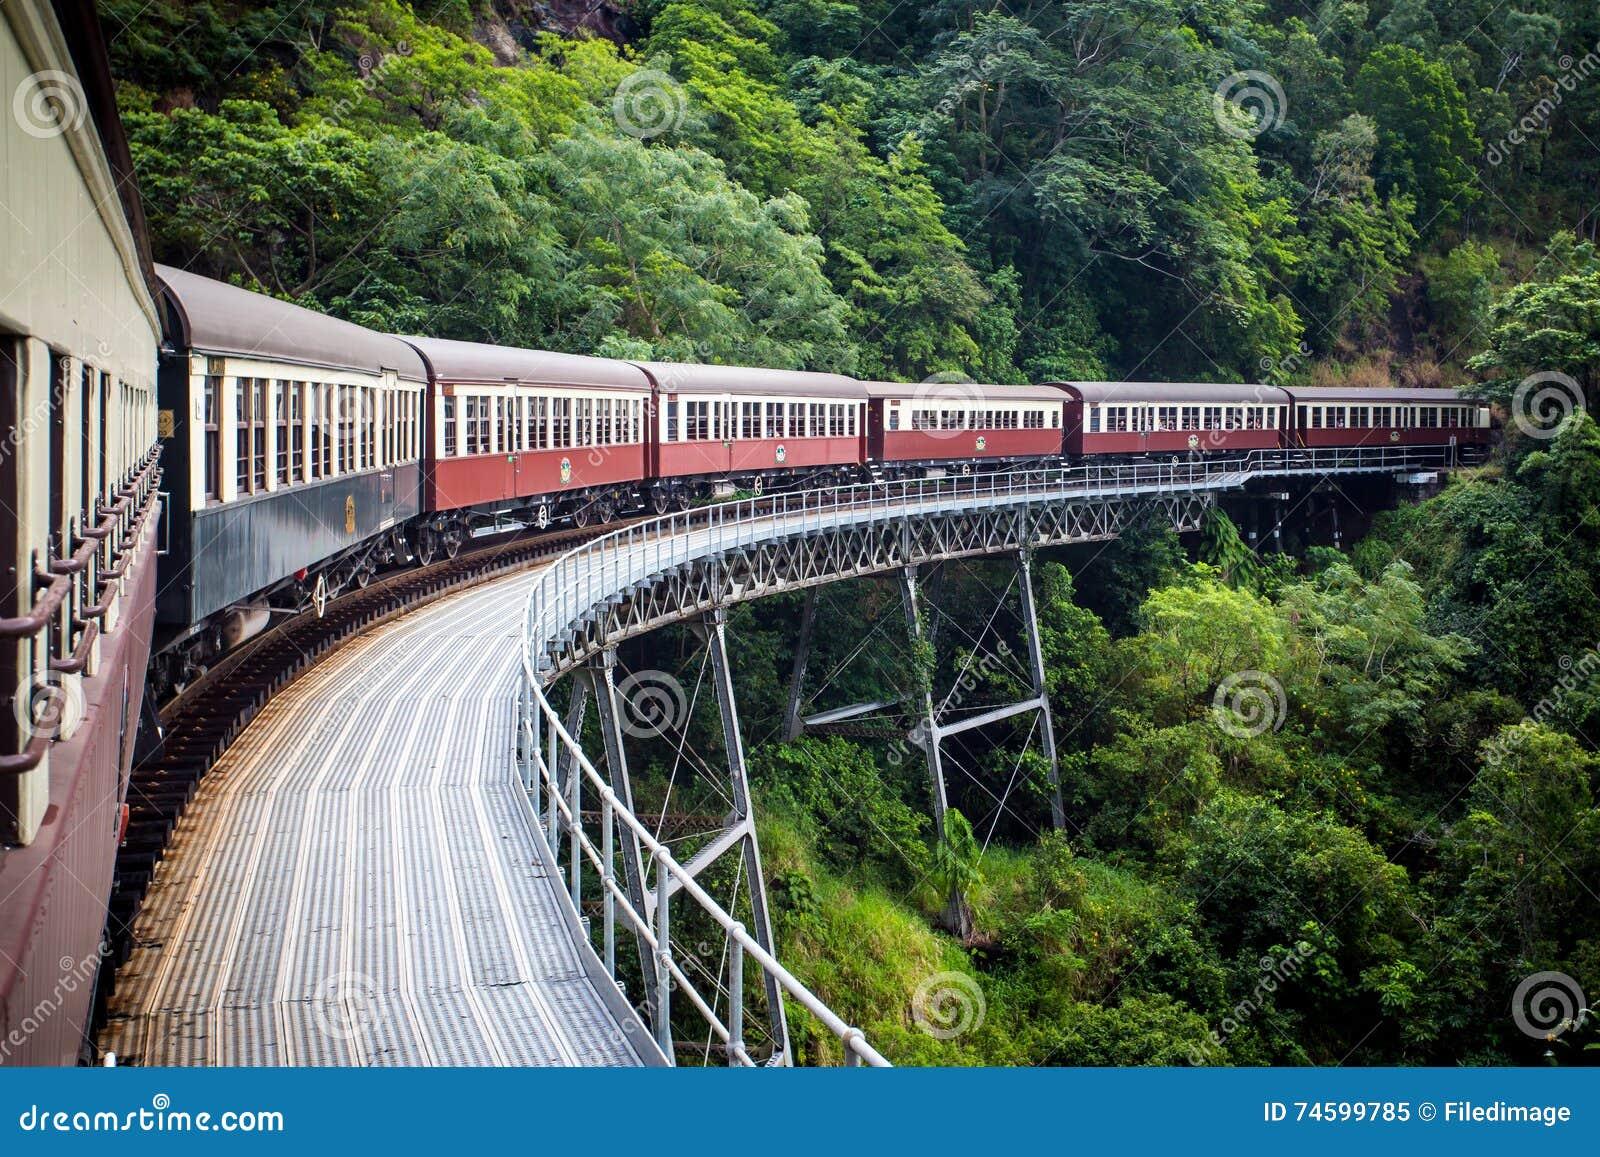 Historic Kuranda Scenic Railway